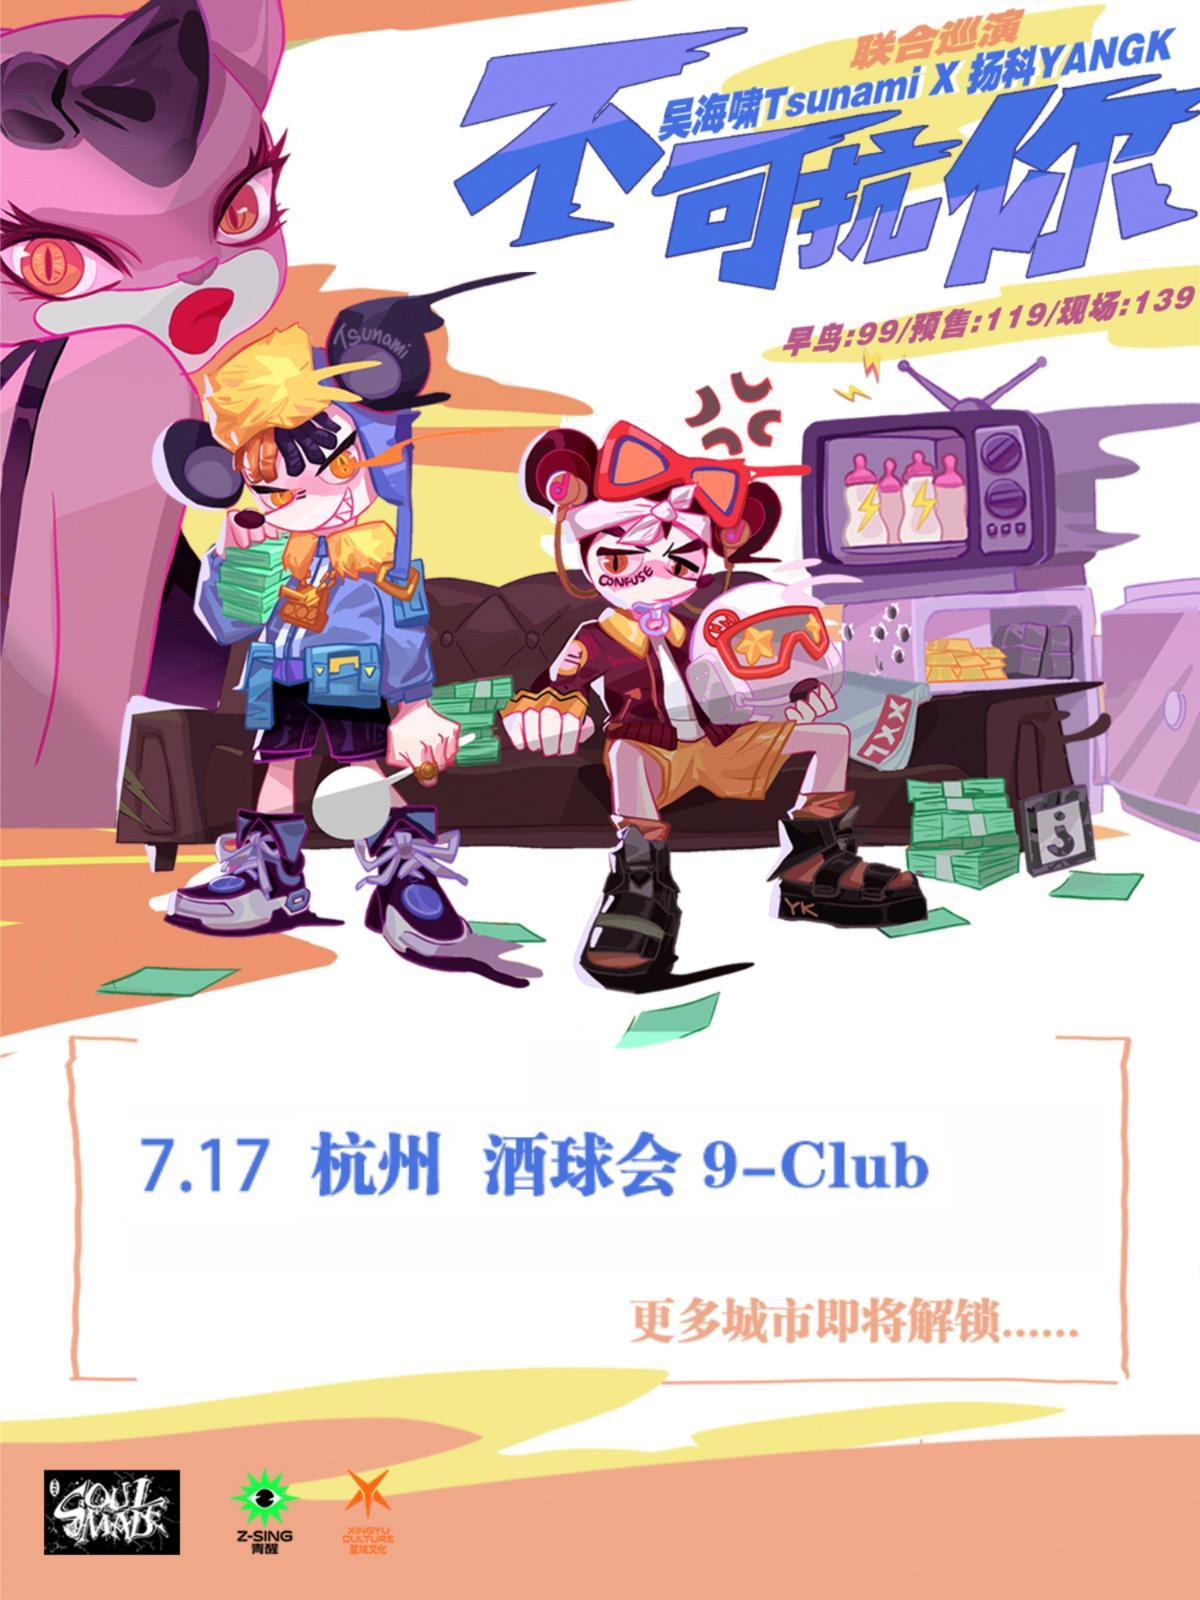 """【杭州站】吴海啸Tsunami X 扬科YANGK 2021""""不可抗你""""巡演"""